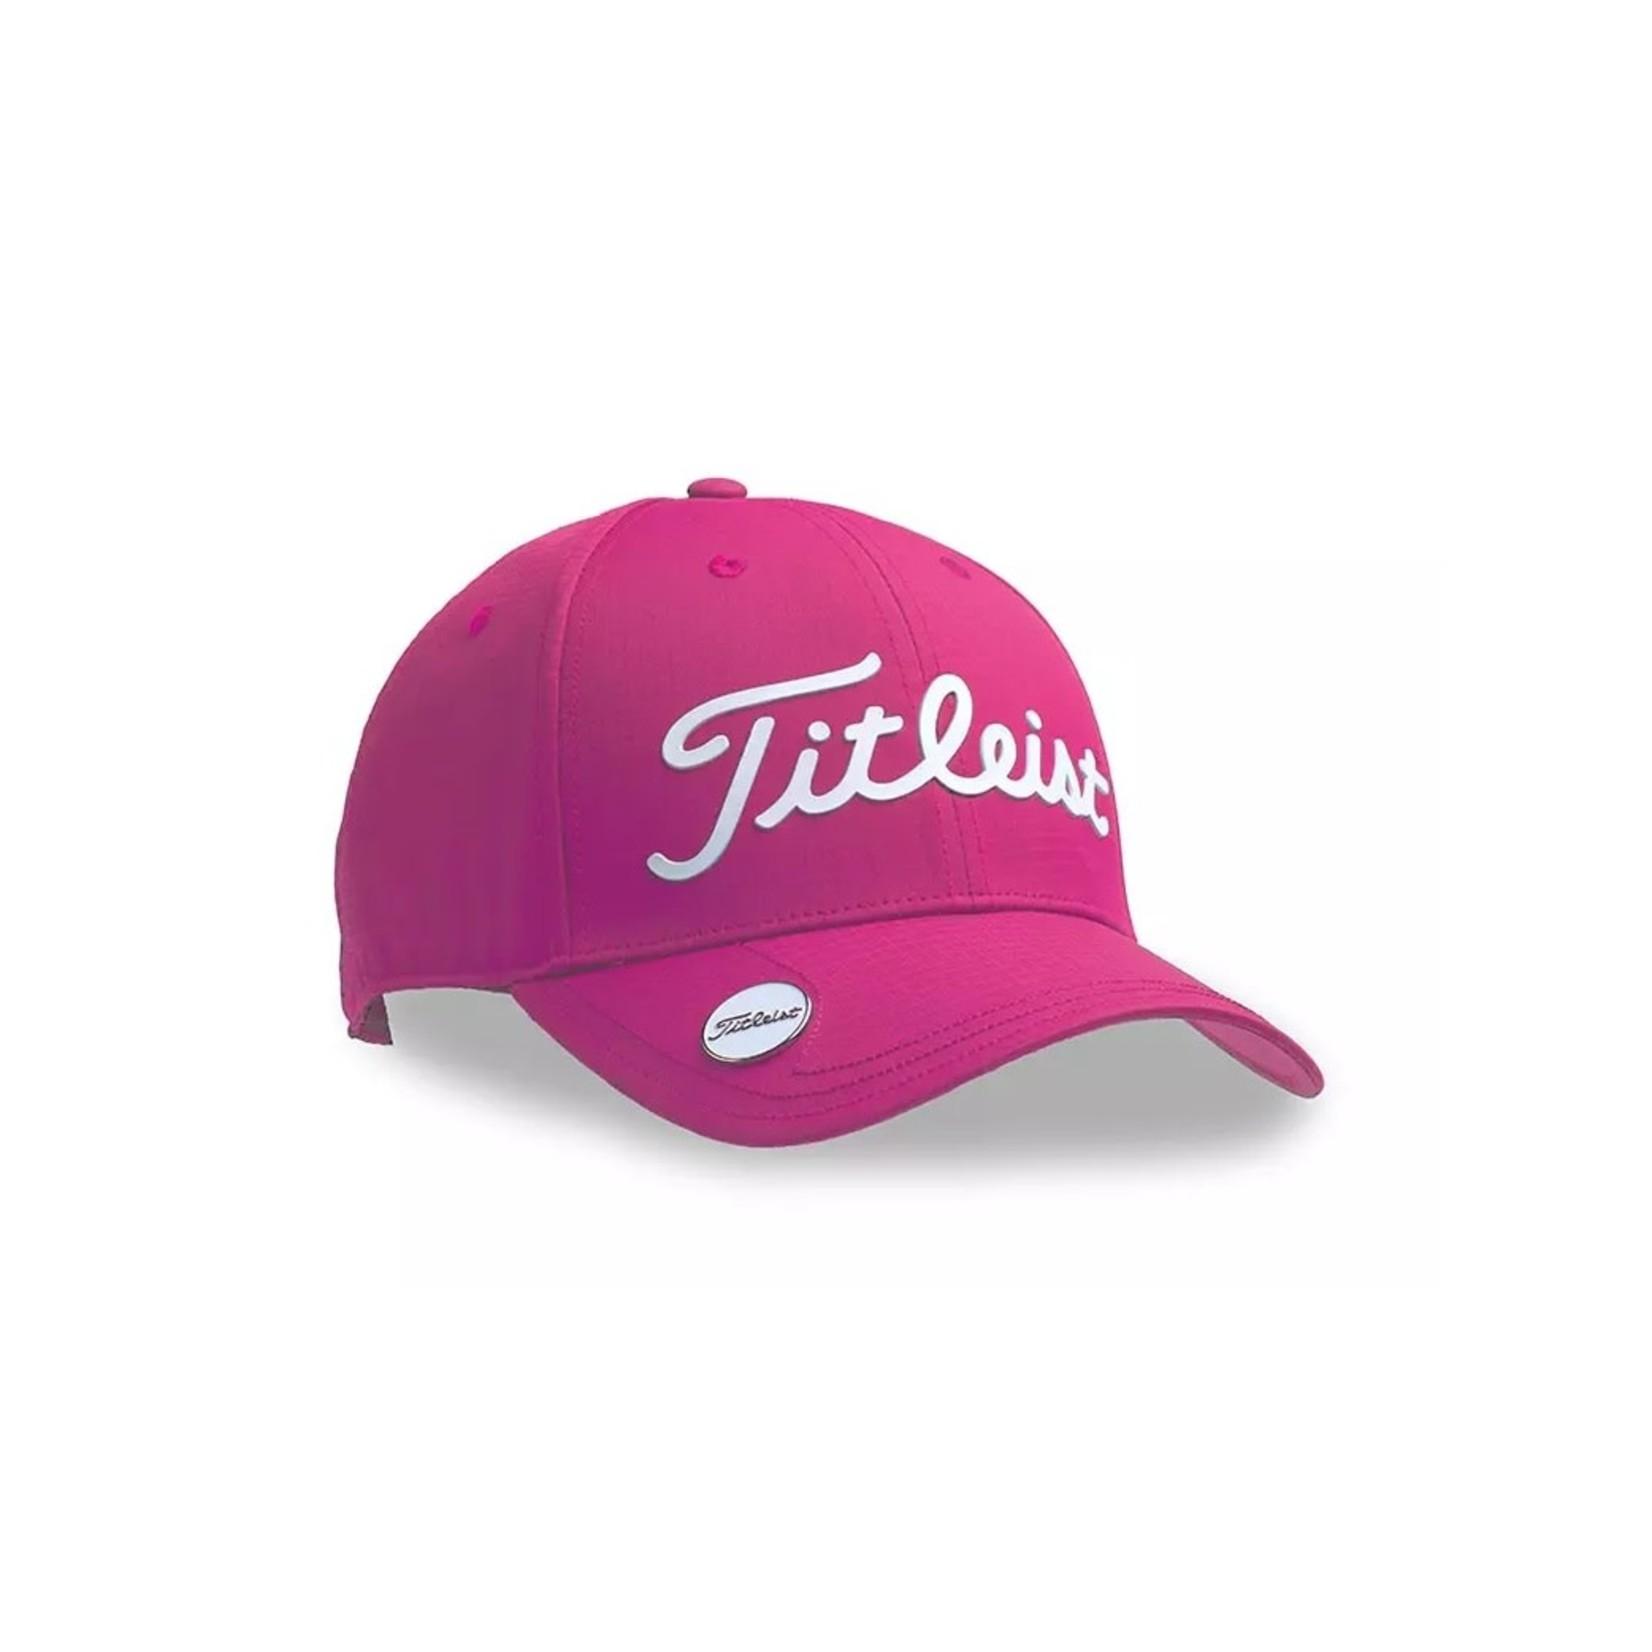 Titleist Titleist Performance Cap